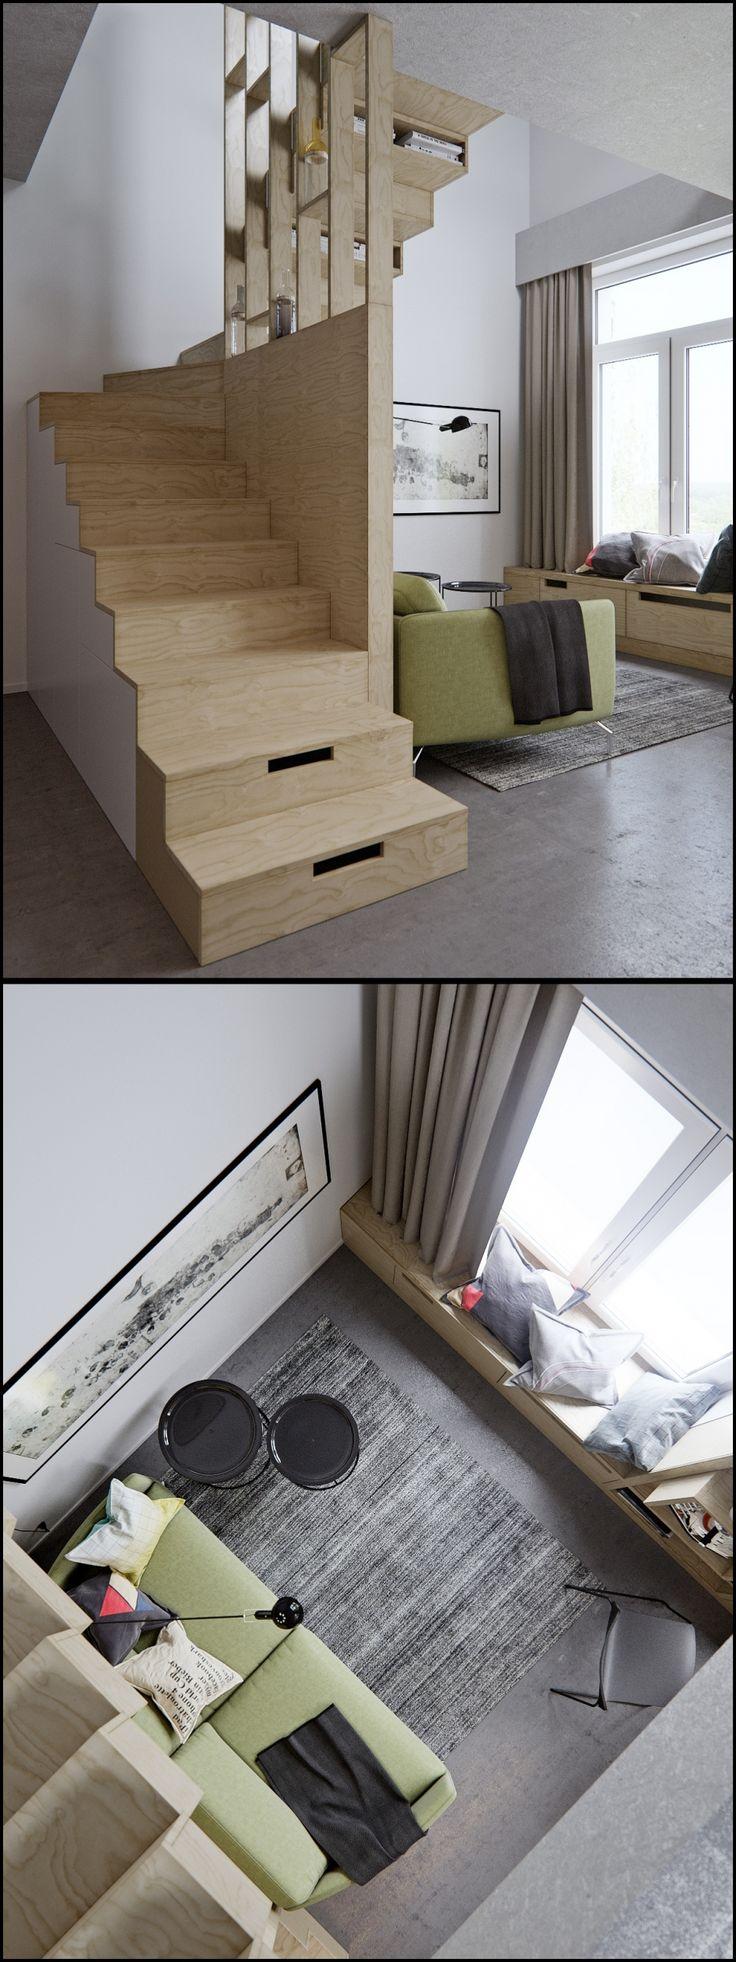 Гостиная студия в двухуровневой квартире площадью 40 кв м - Галерея 3ddd.ru